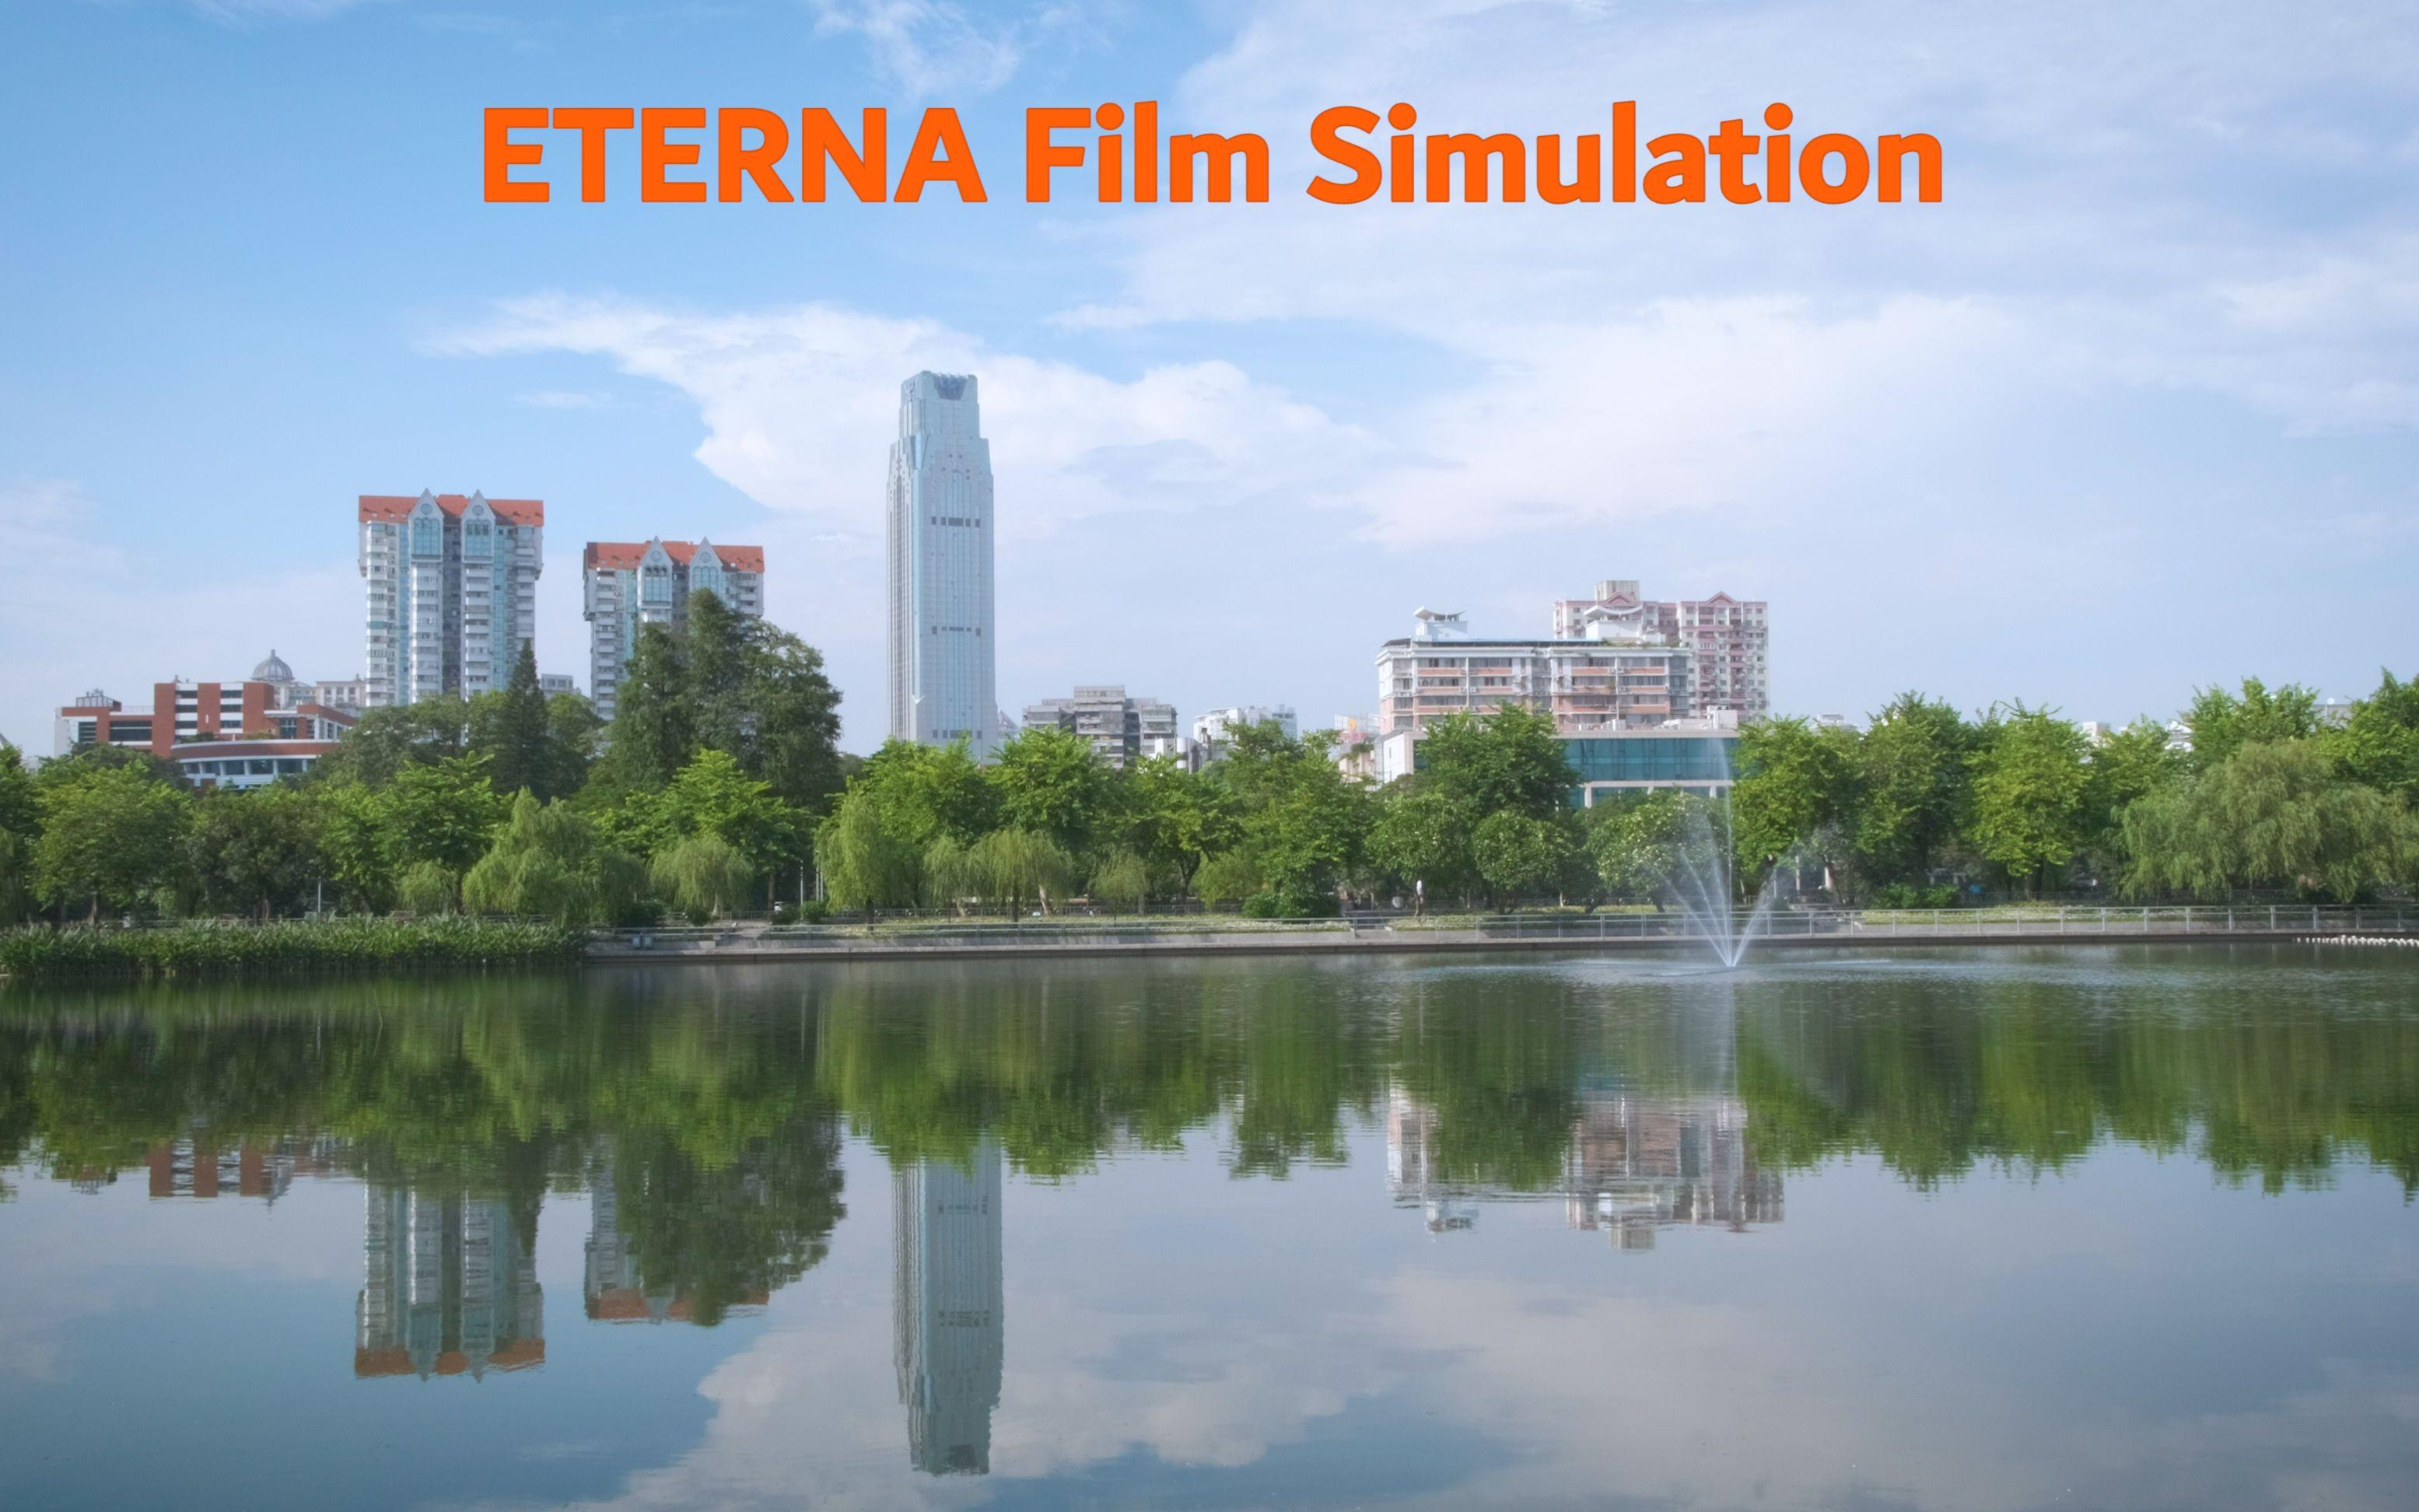 2018年的广州都市生活 - 富士X-H1 ETERNA电影胶片模拟测试3_哔哩哔哩 (゜-゜)つロ 干杯~-bilibili